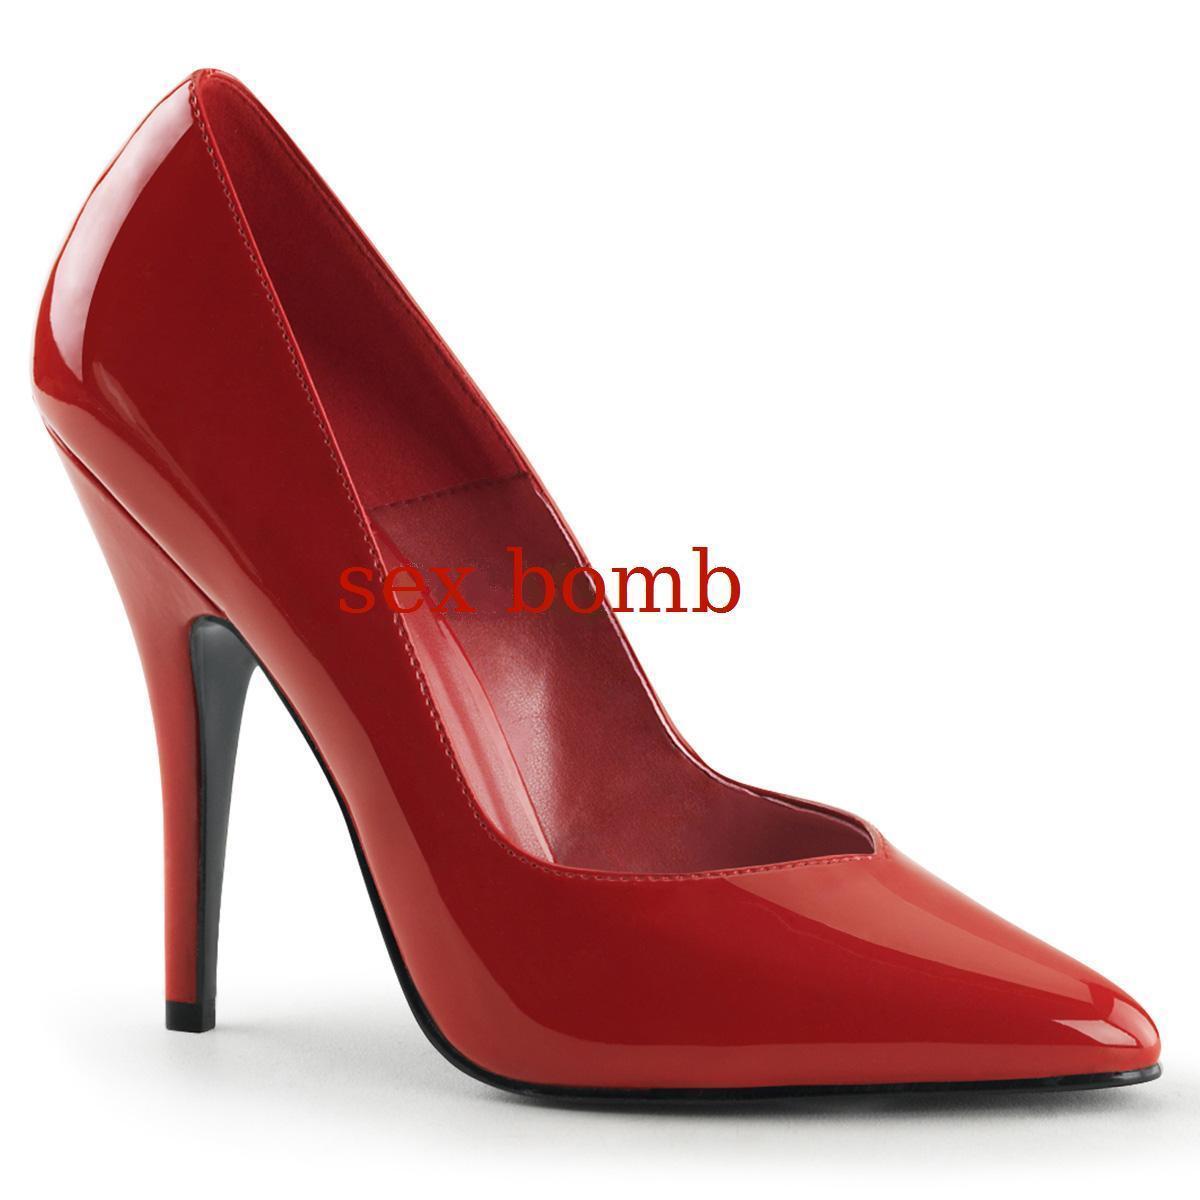 Sexy DECOLTE' ROSSE tacco 13 dal 35 al scarpe 46 scollo a V scarpe al GLAMOUR fashion 3577a4